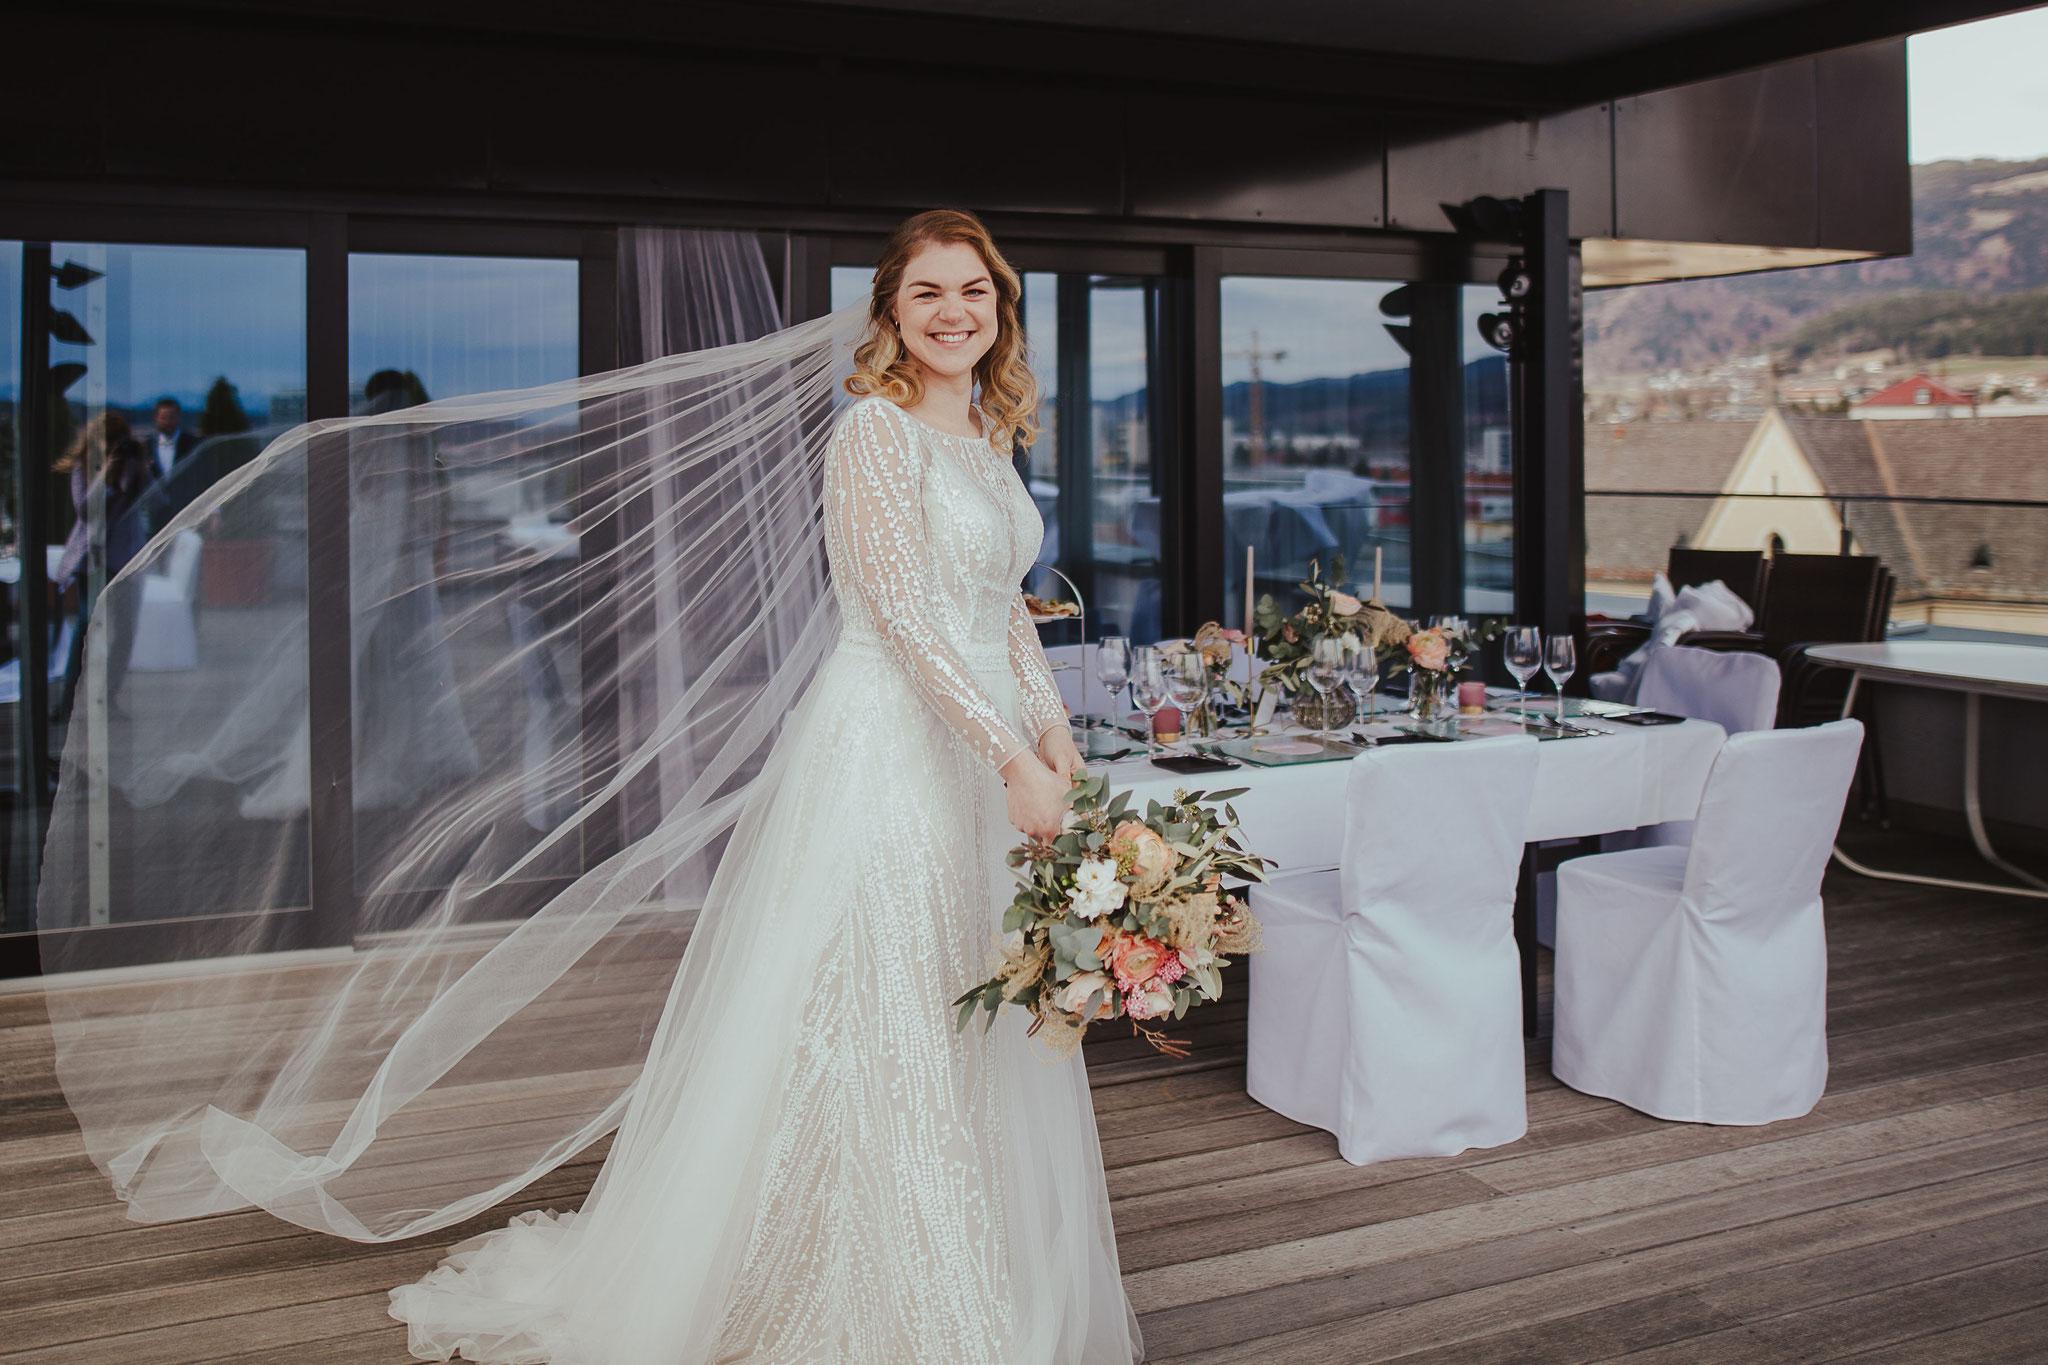 Braut mit wehendem Schleier - © Christina Supanz